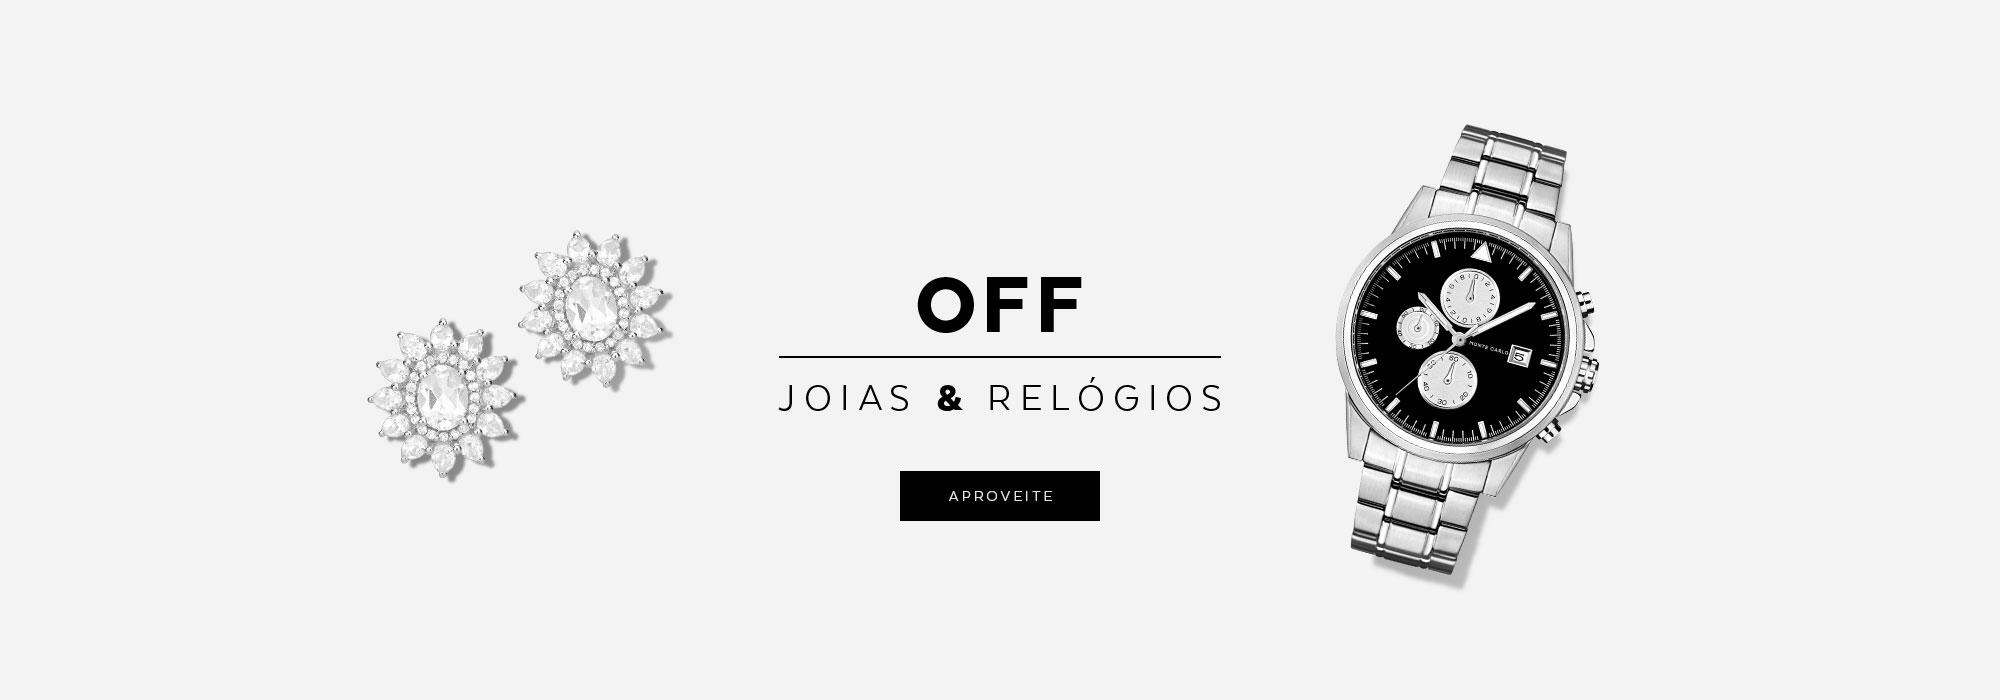 Off joias e relogios